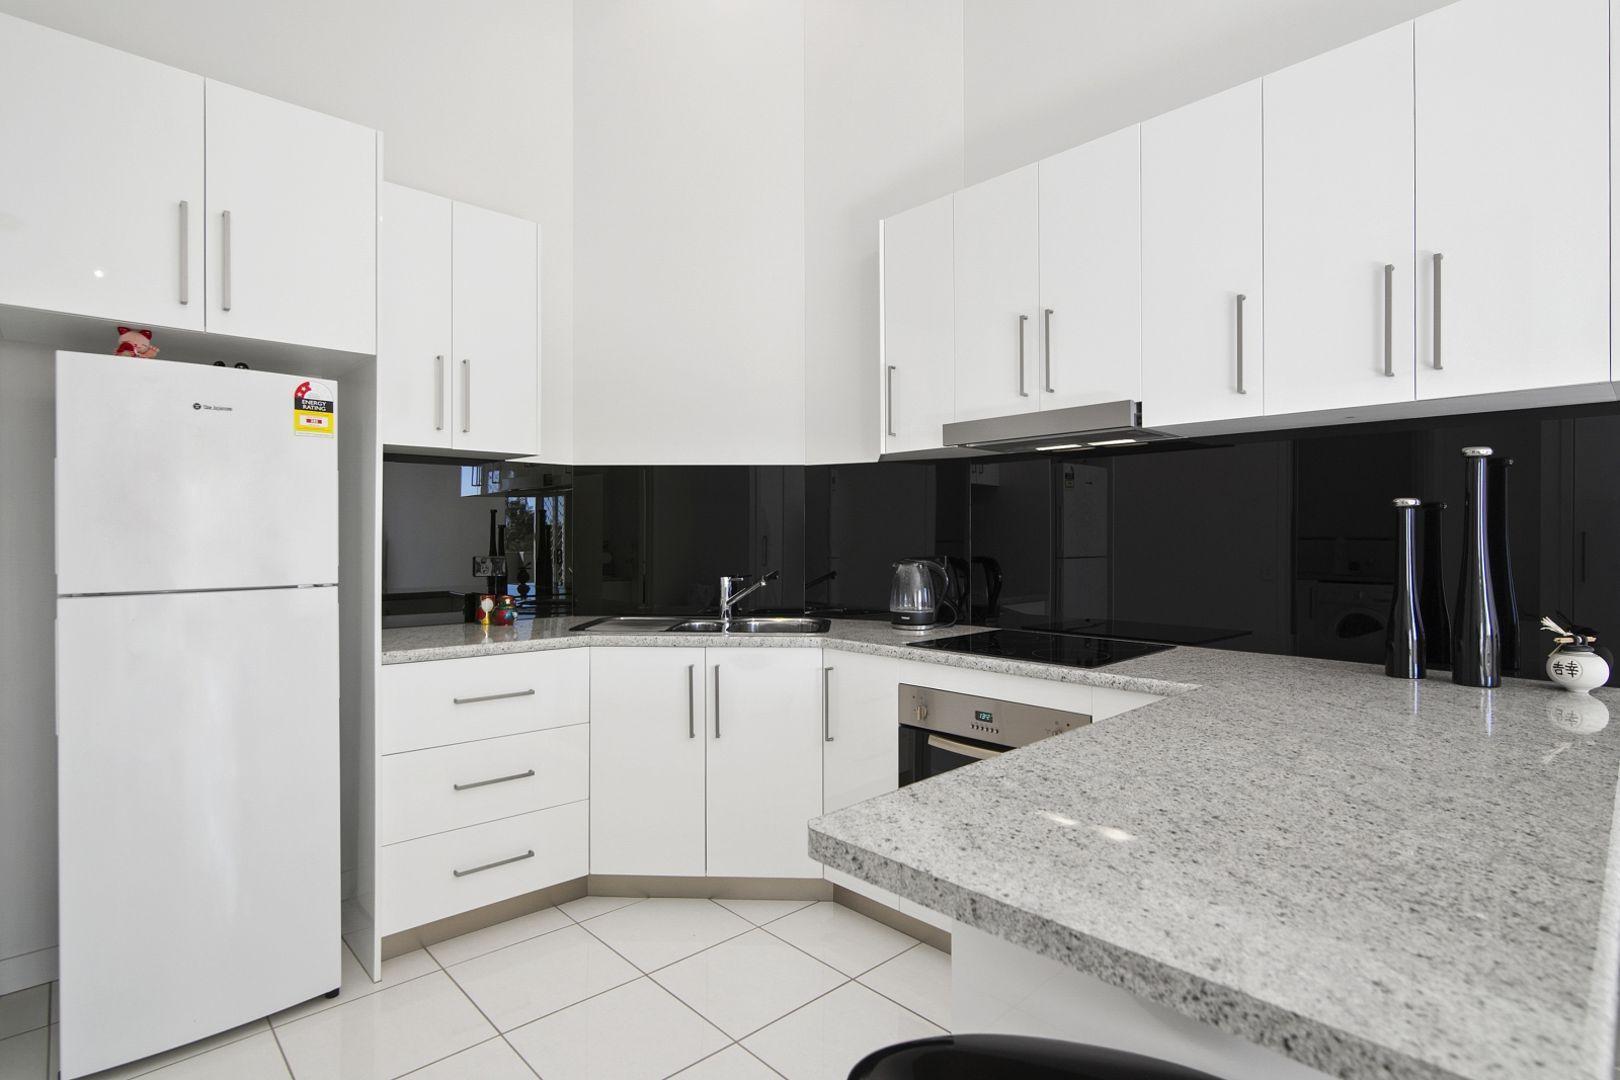 27, 32-36 Lissner Street, Toowong QLD 4066, Image 1